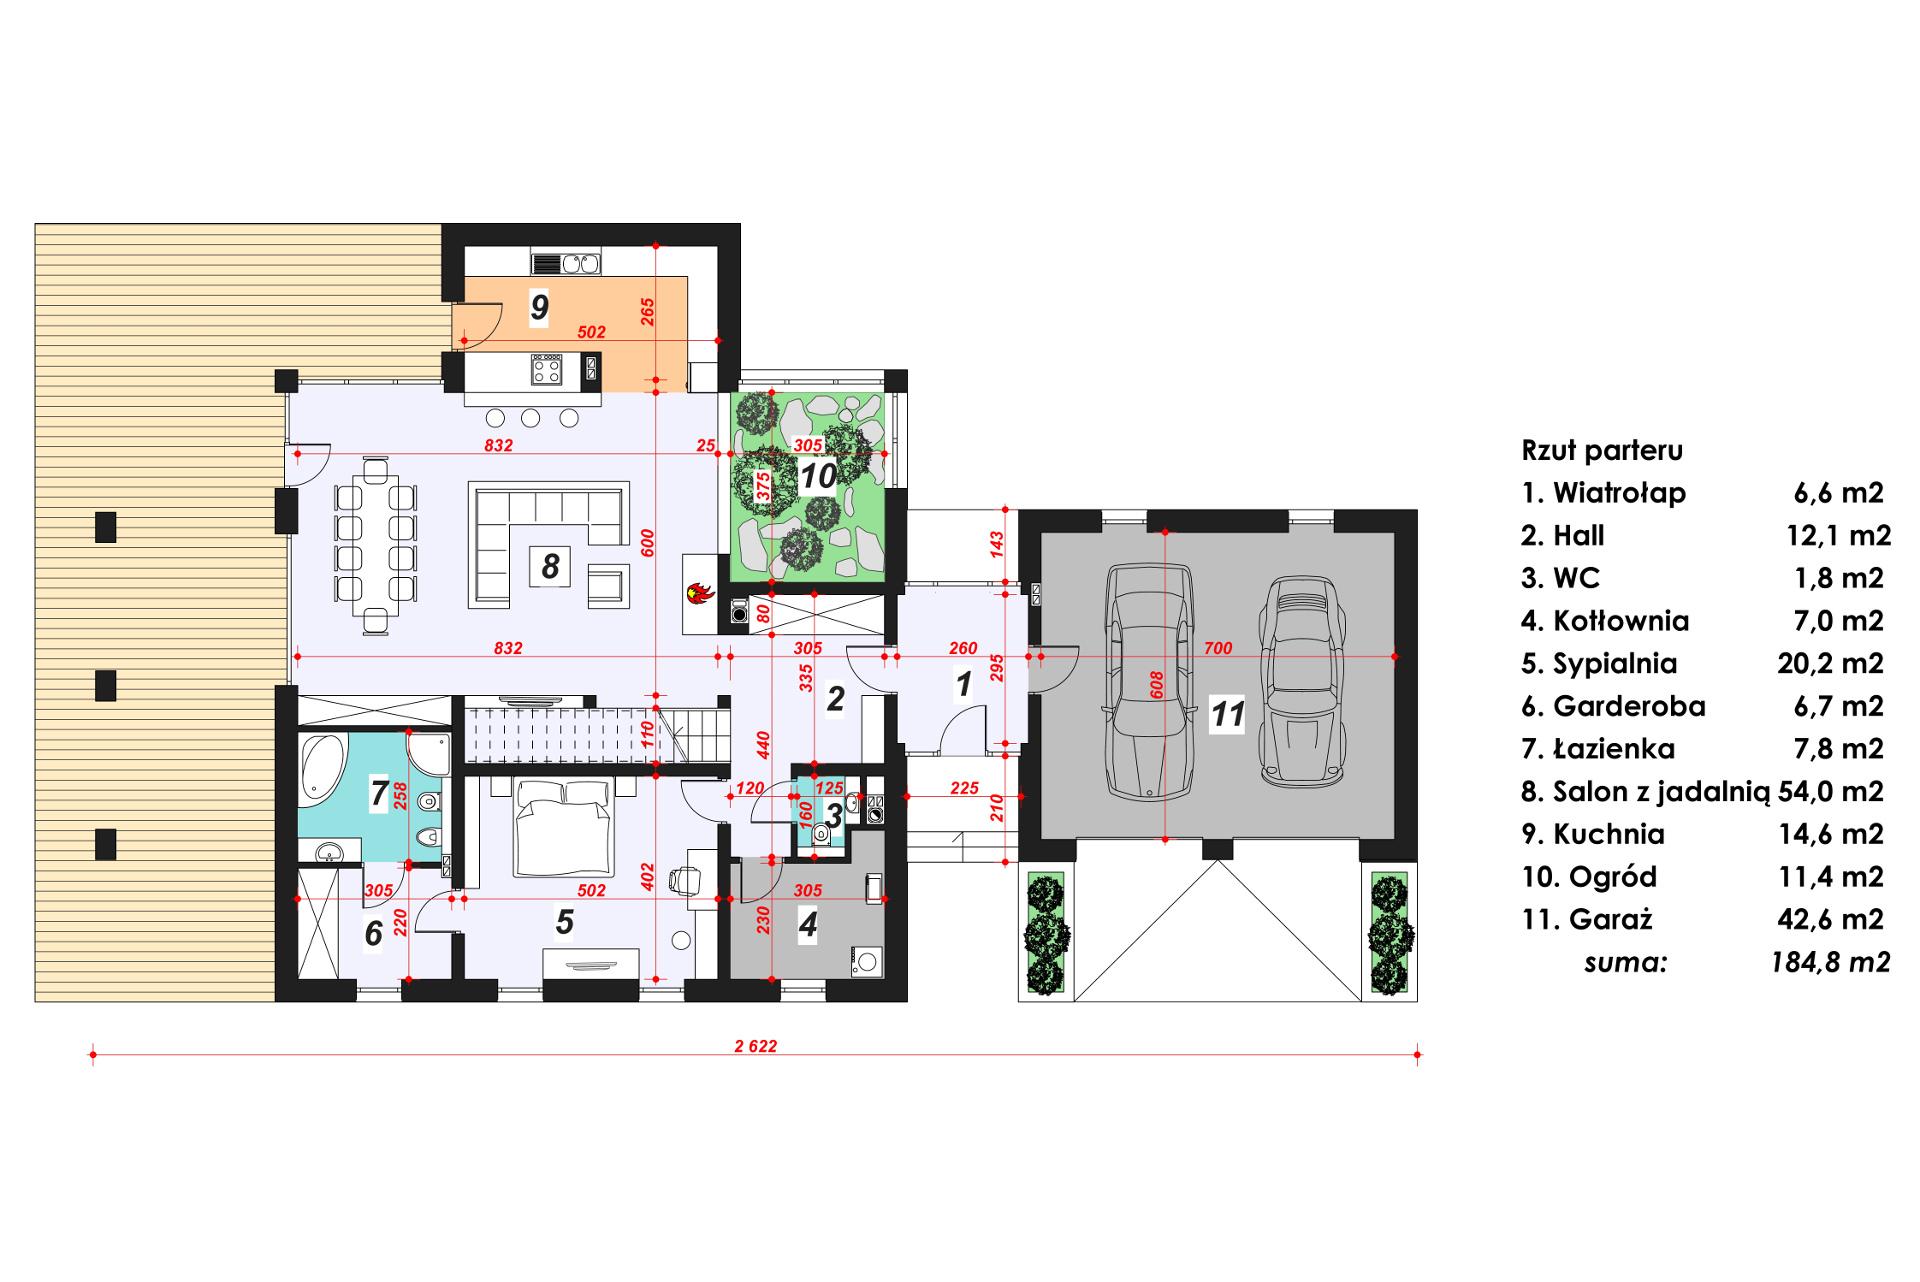 projekt-domu-tenea-rzut-parteru.jpg